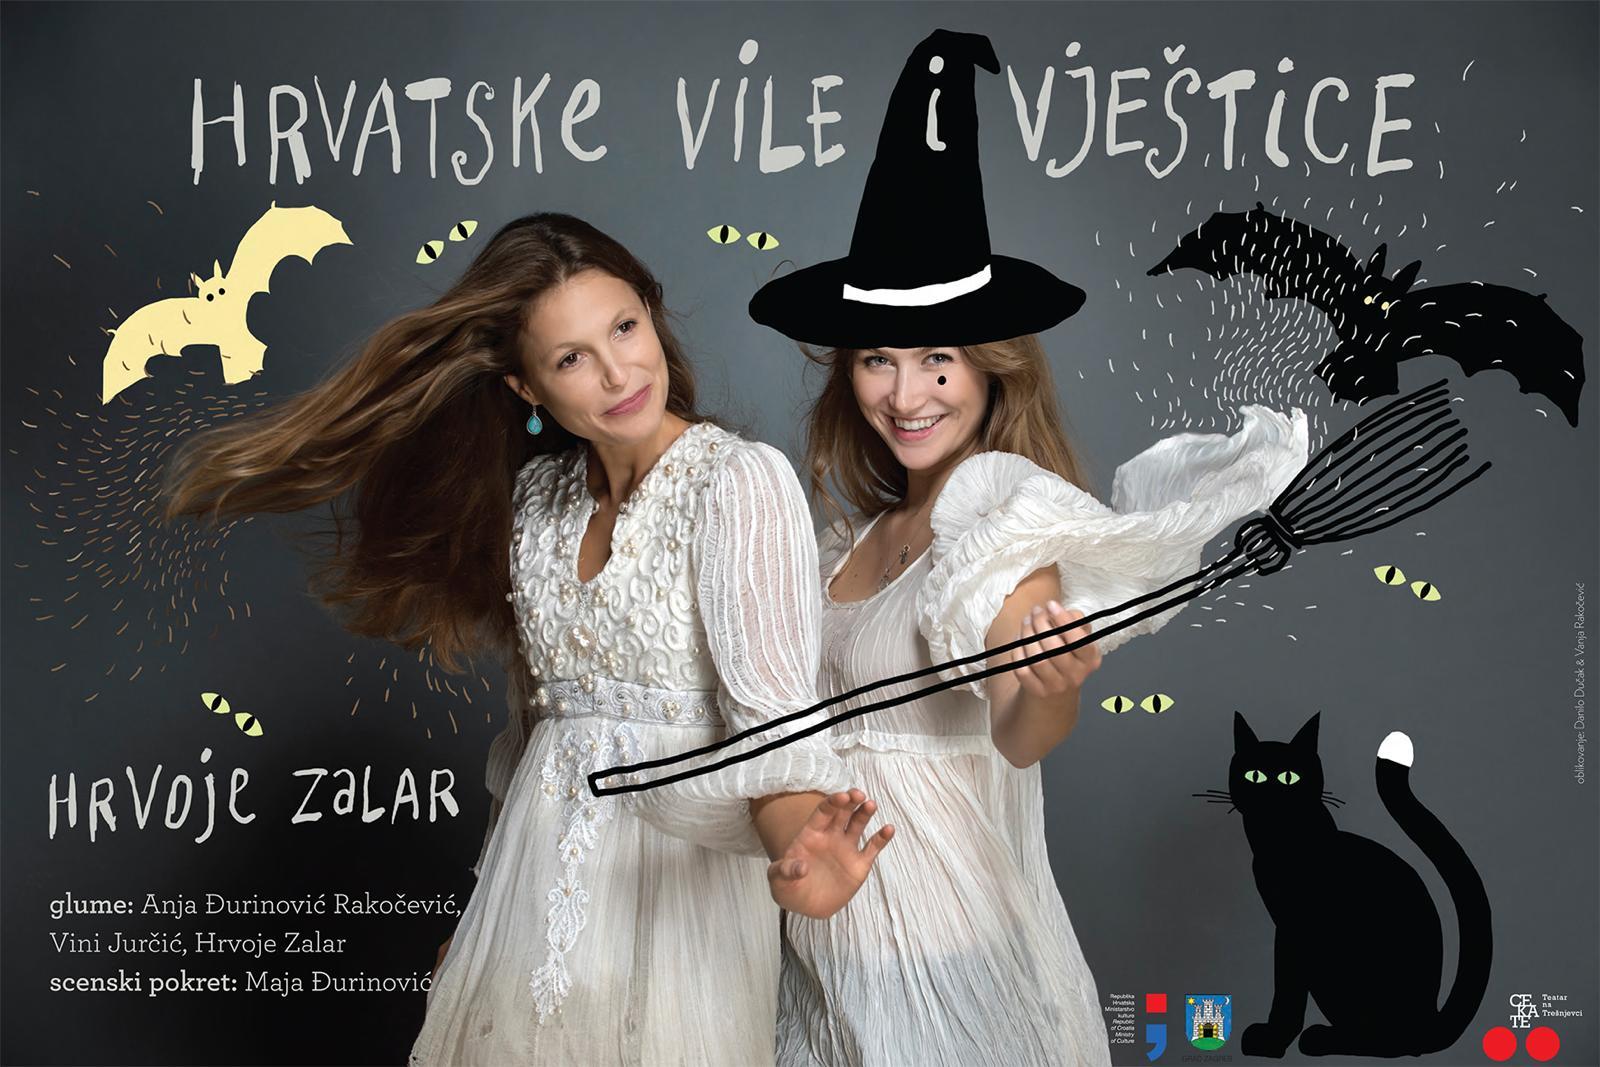 Premijera predstave 'Hrvatske vile i vještice' u Centru za kulturu Trešnjevka